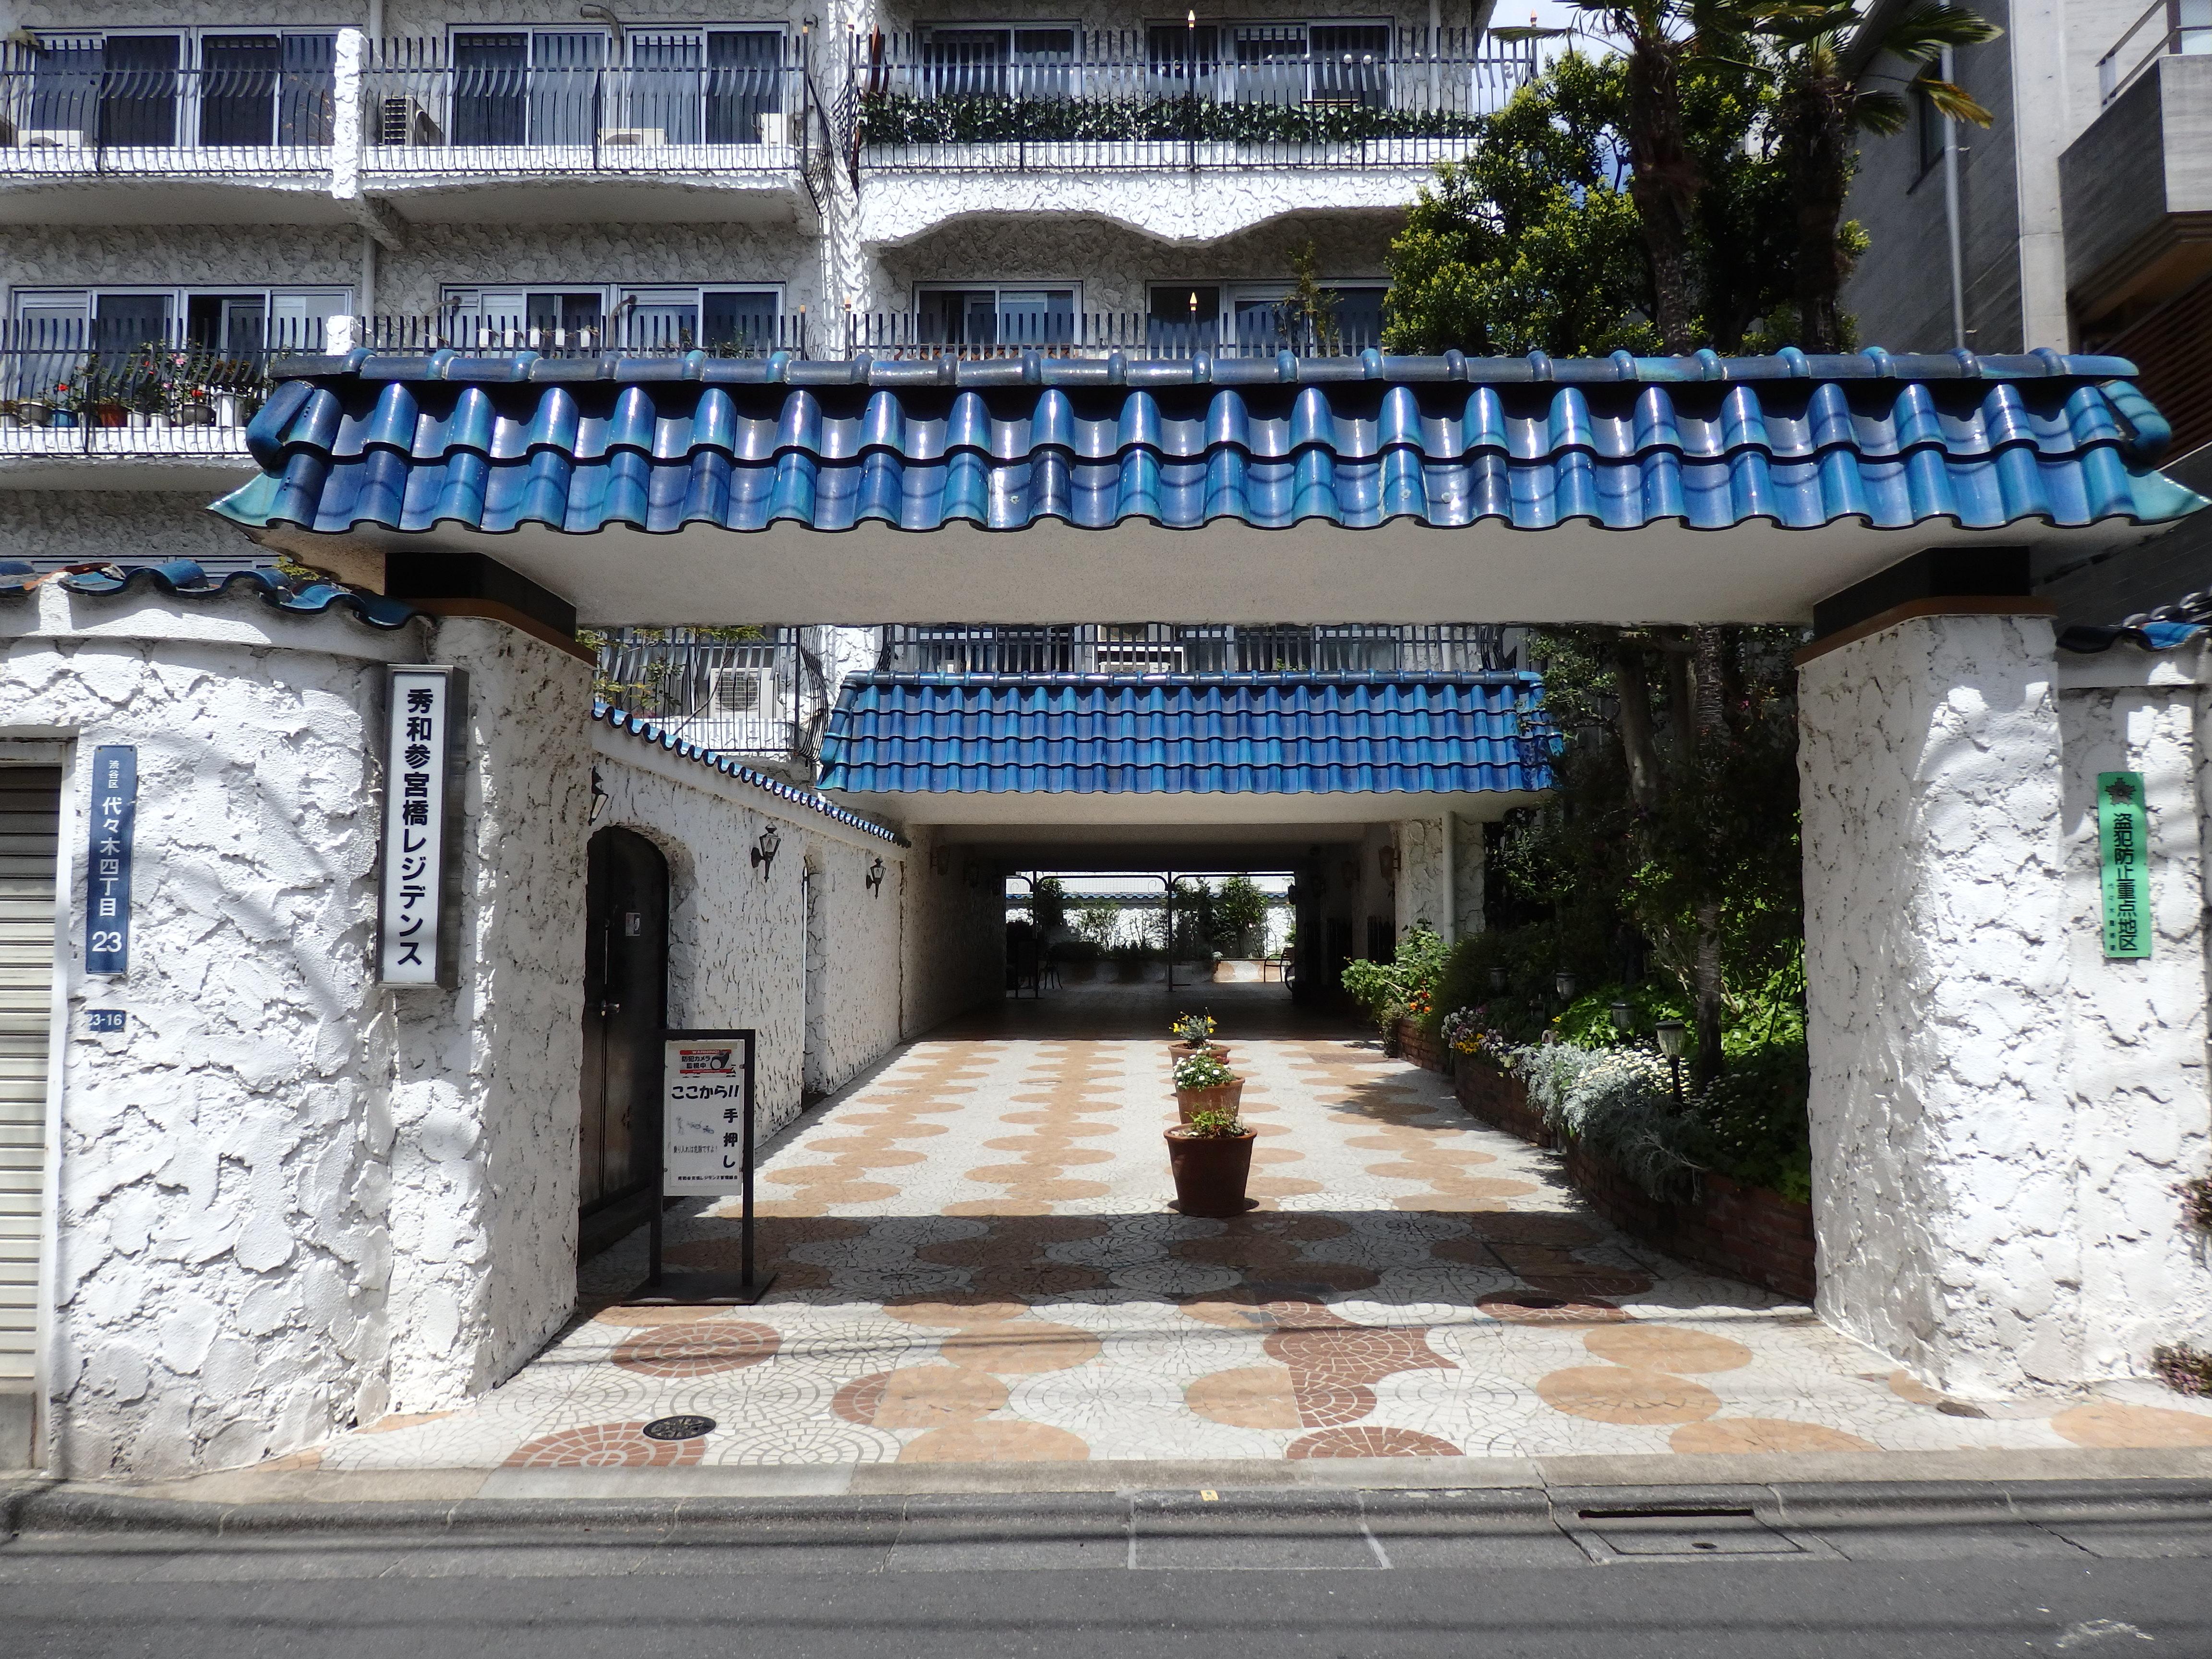 秀和レジデンスvol.2 ー屋根の色は青?ー